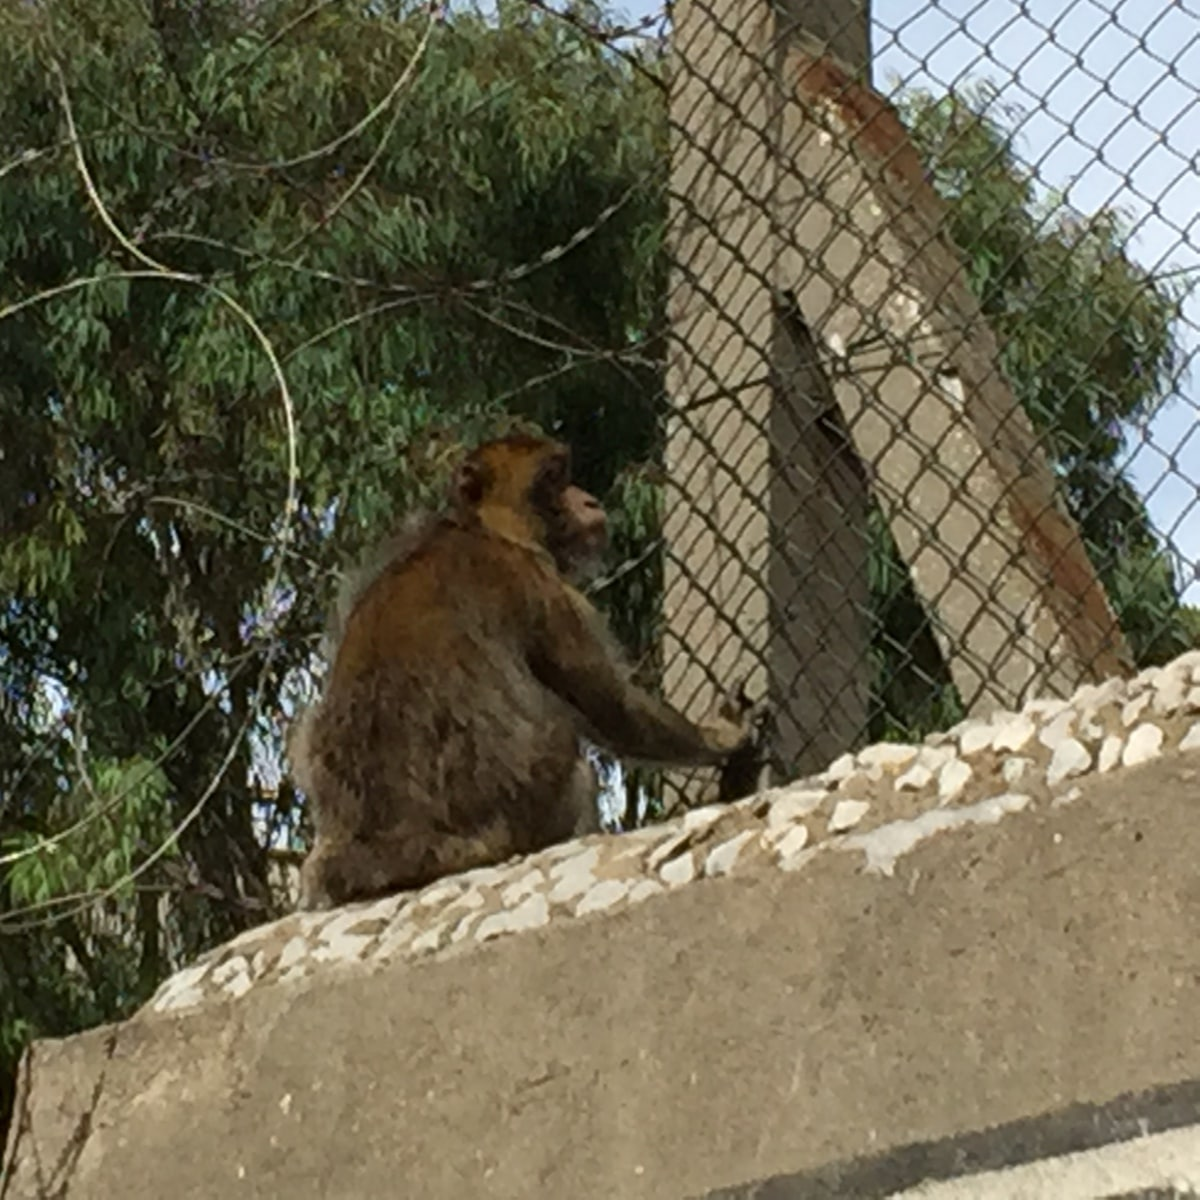 Monos-en-la-ciudad-12